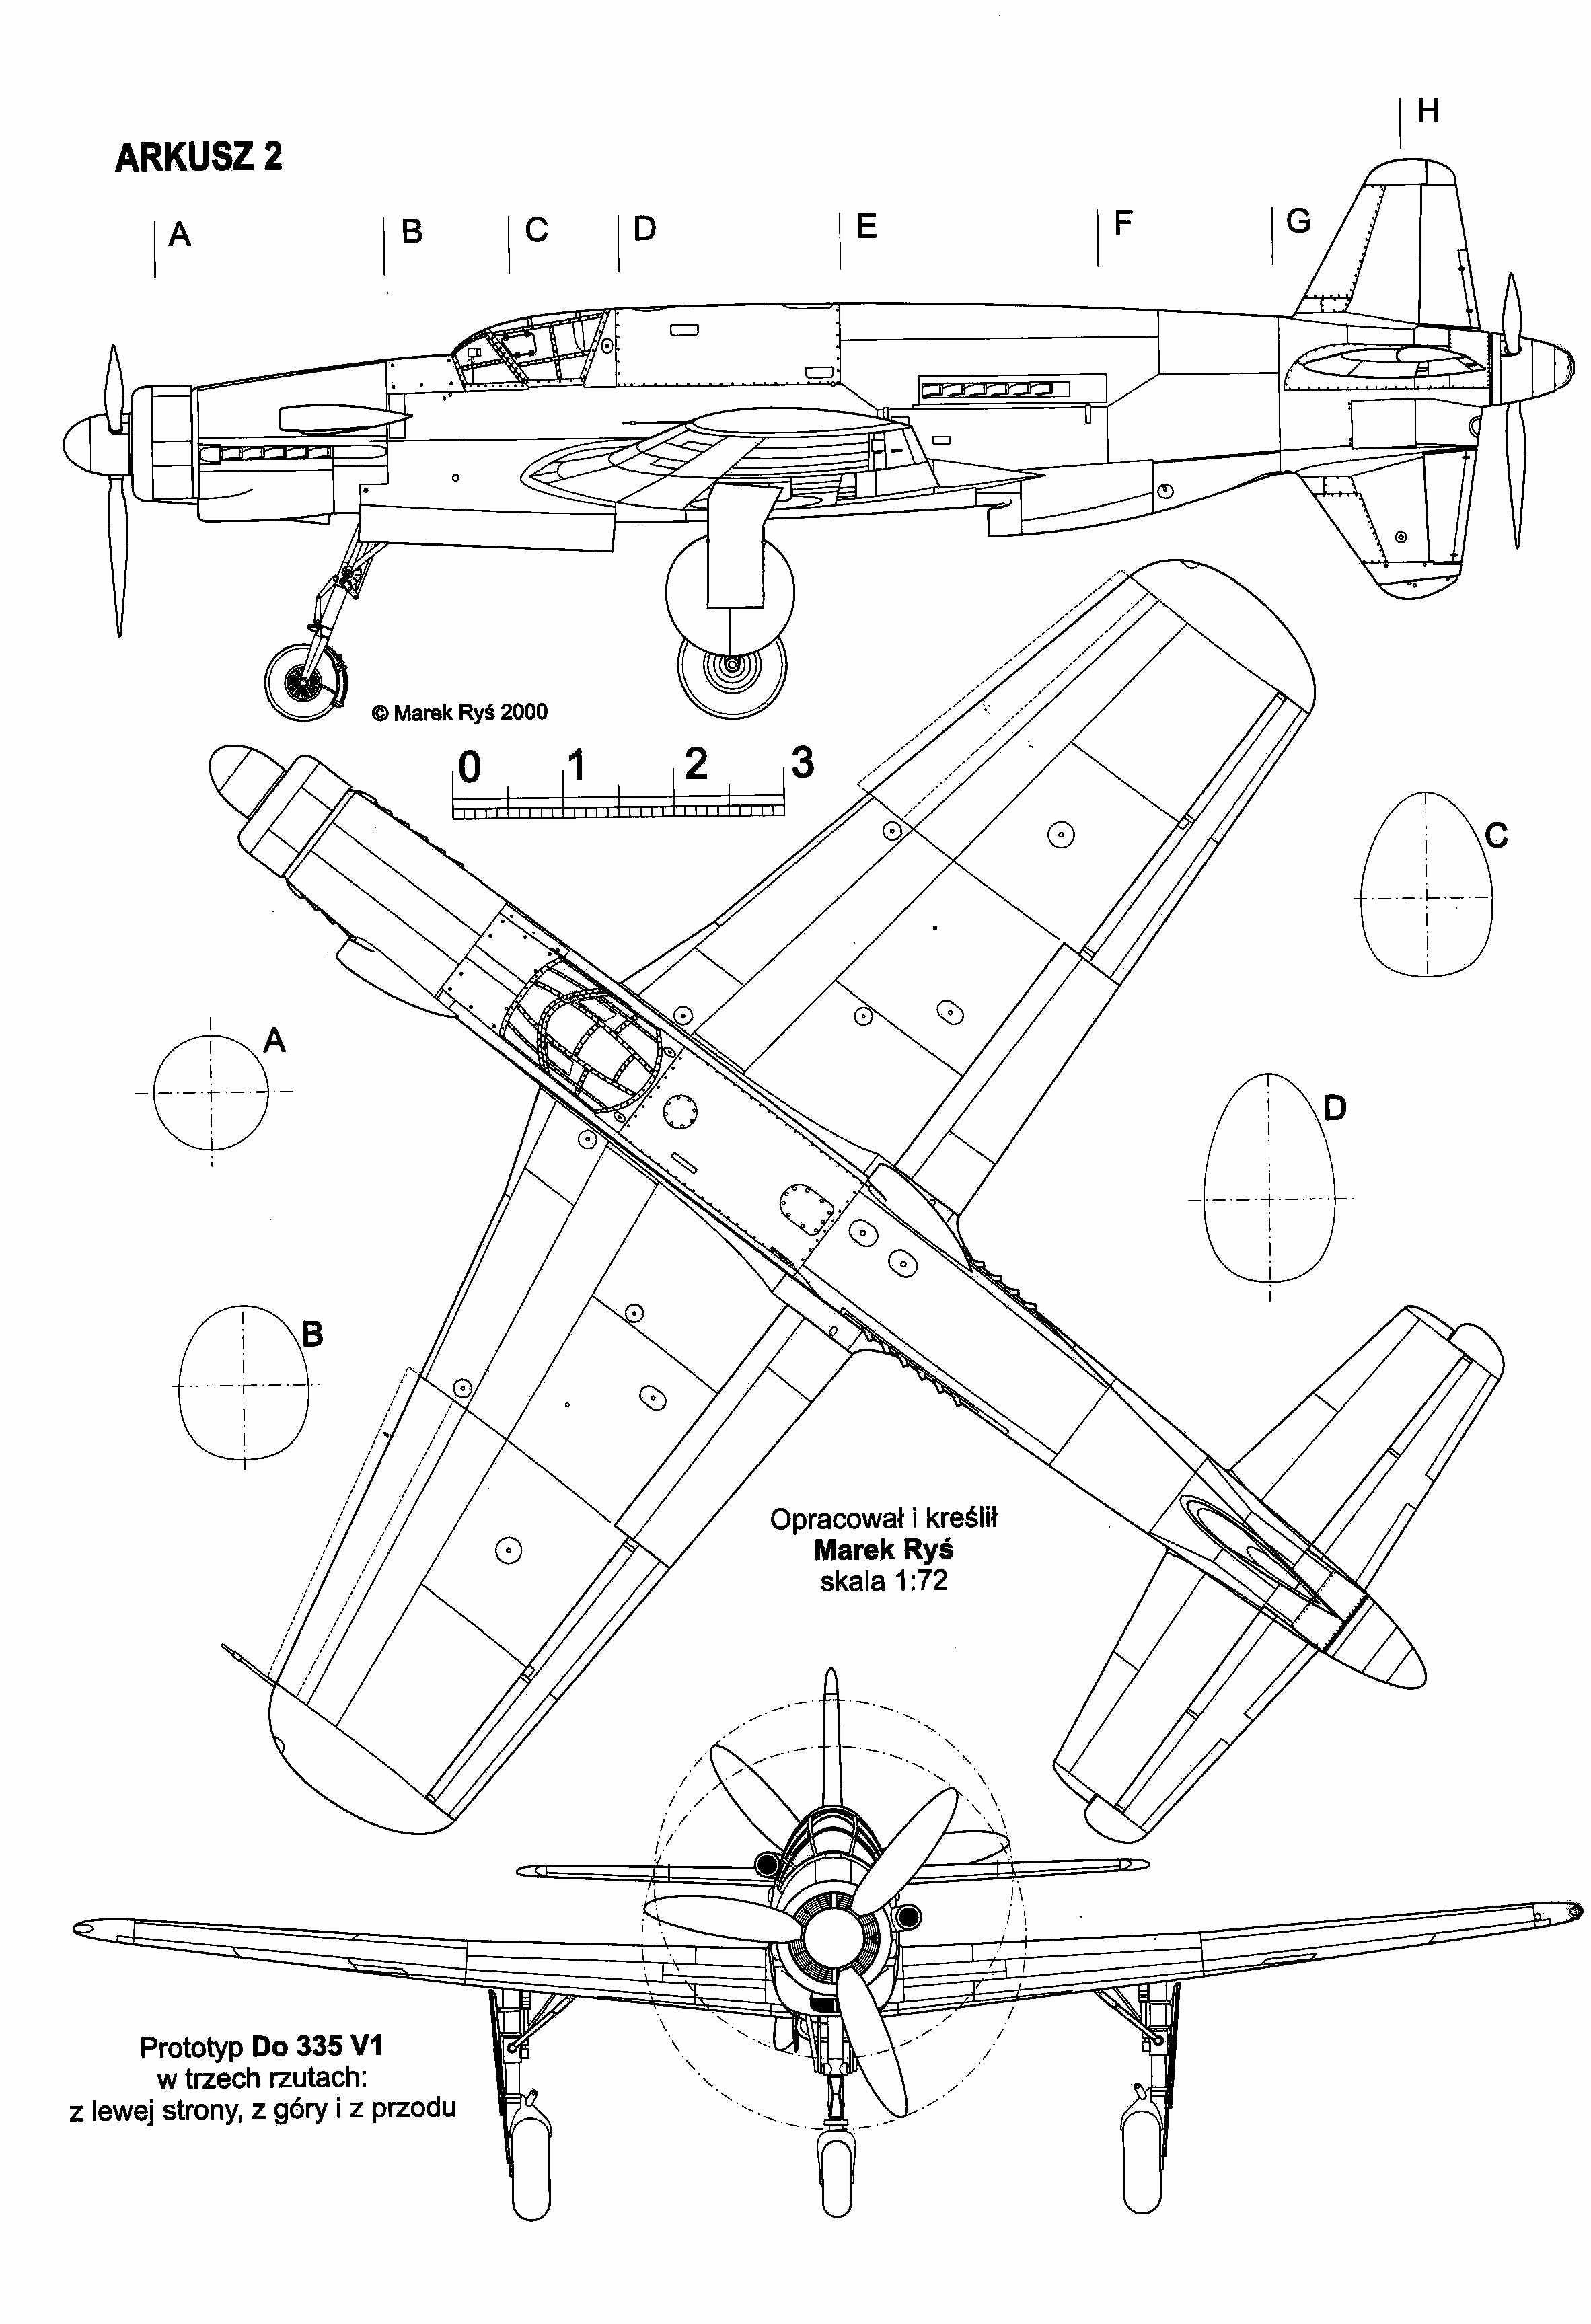 Pin on Aircraft 3 Views